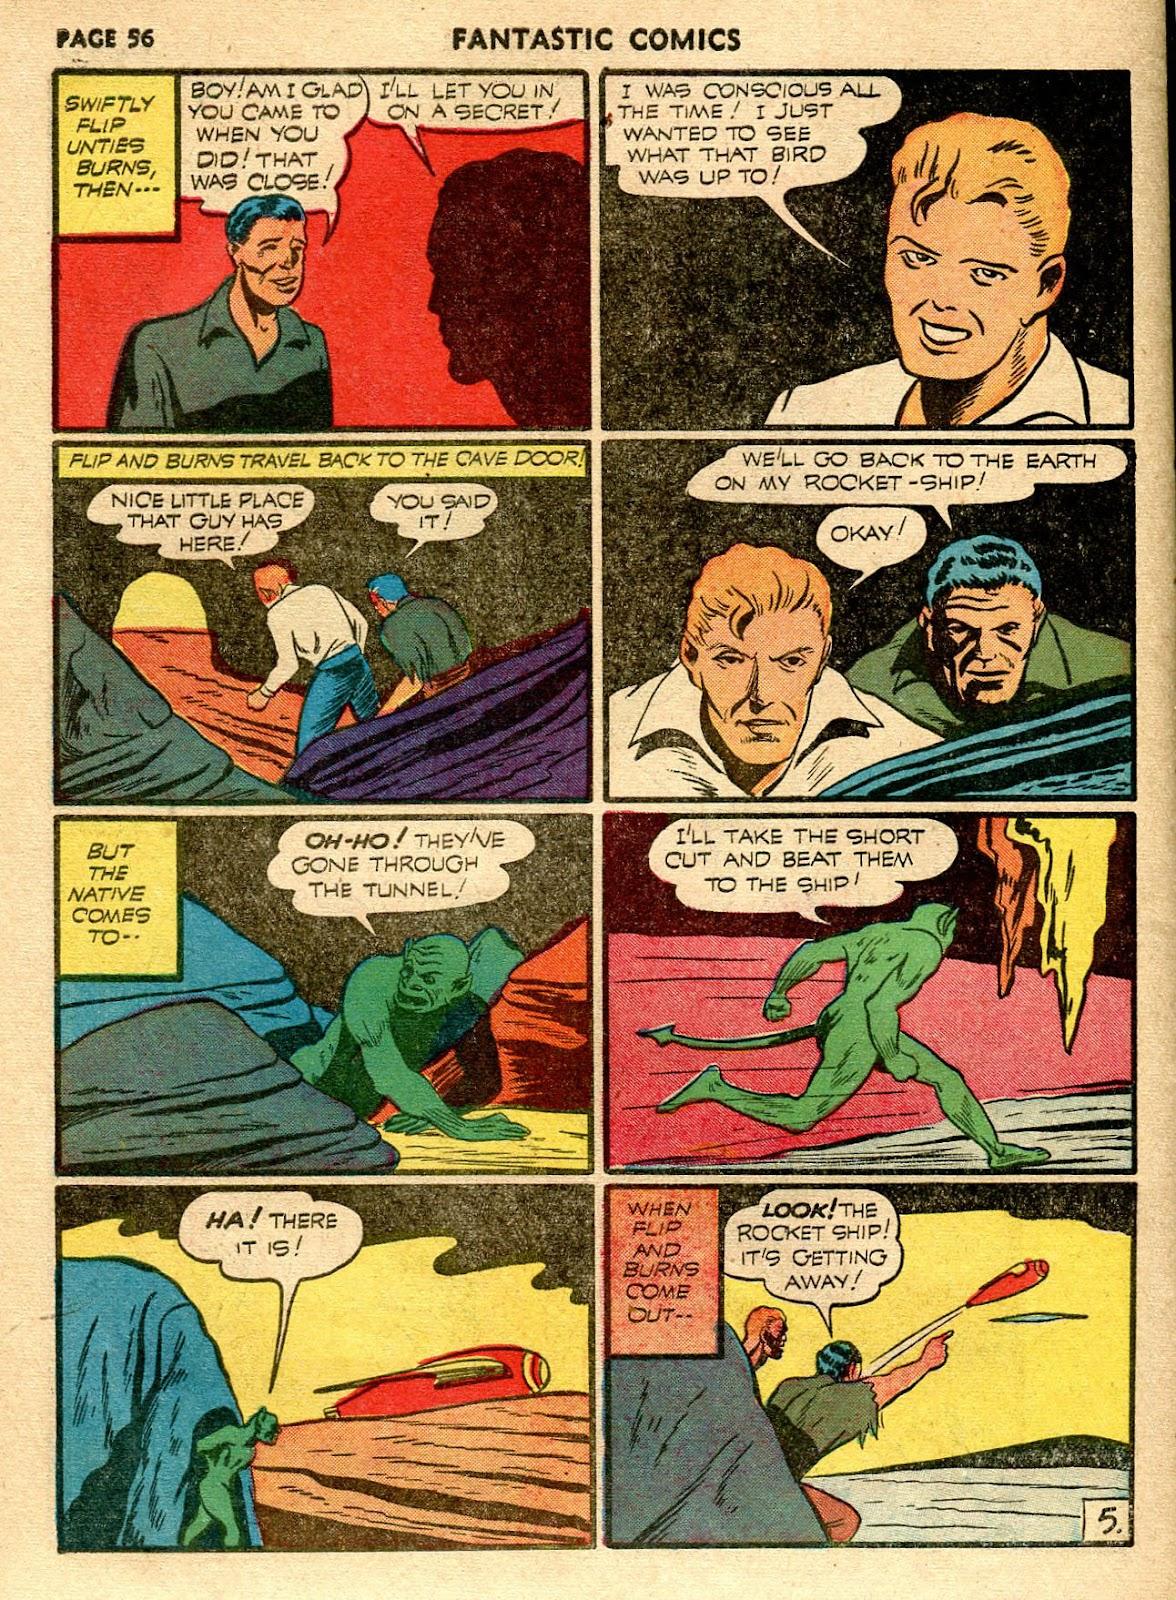 Read online Fantastic Comics comic -  Issue #21 - 54